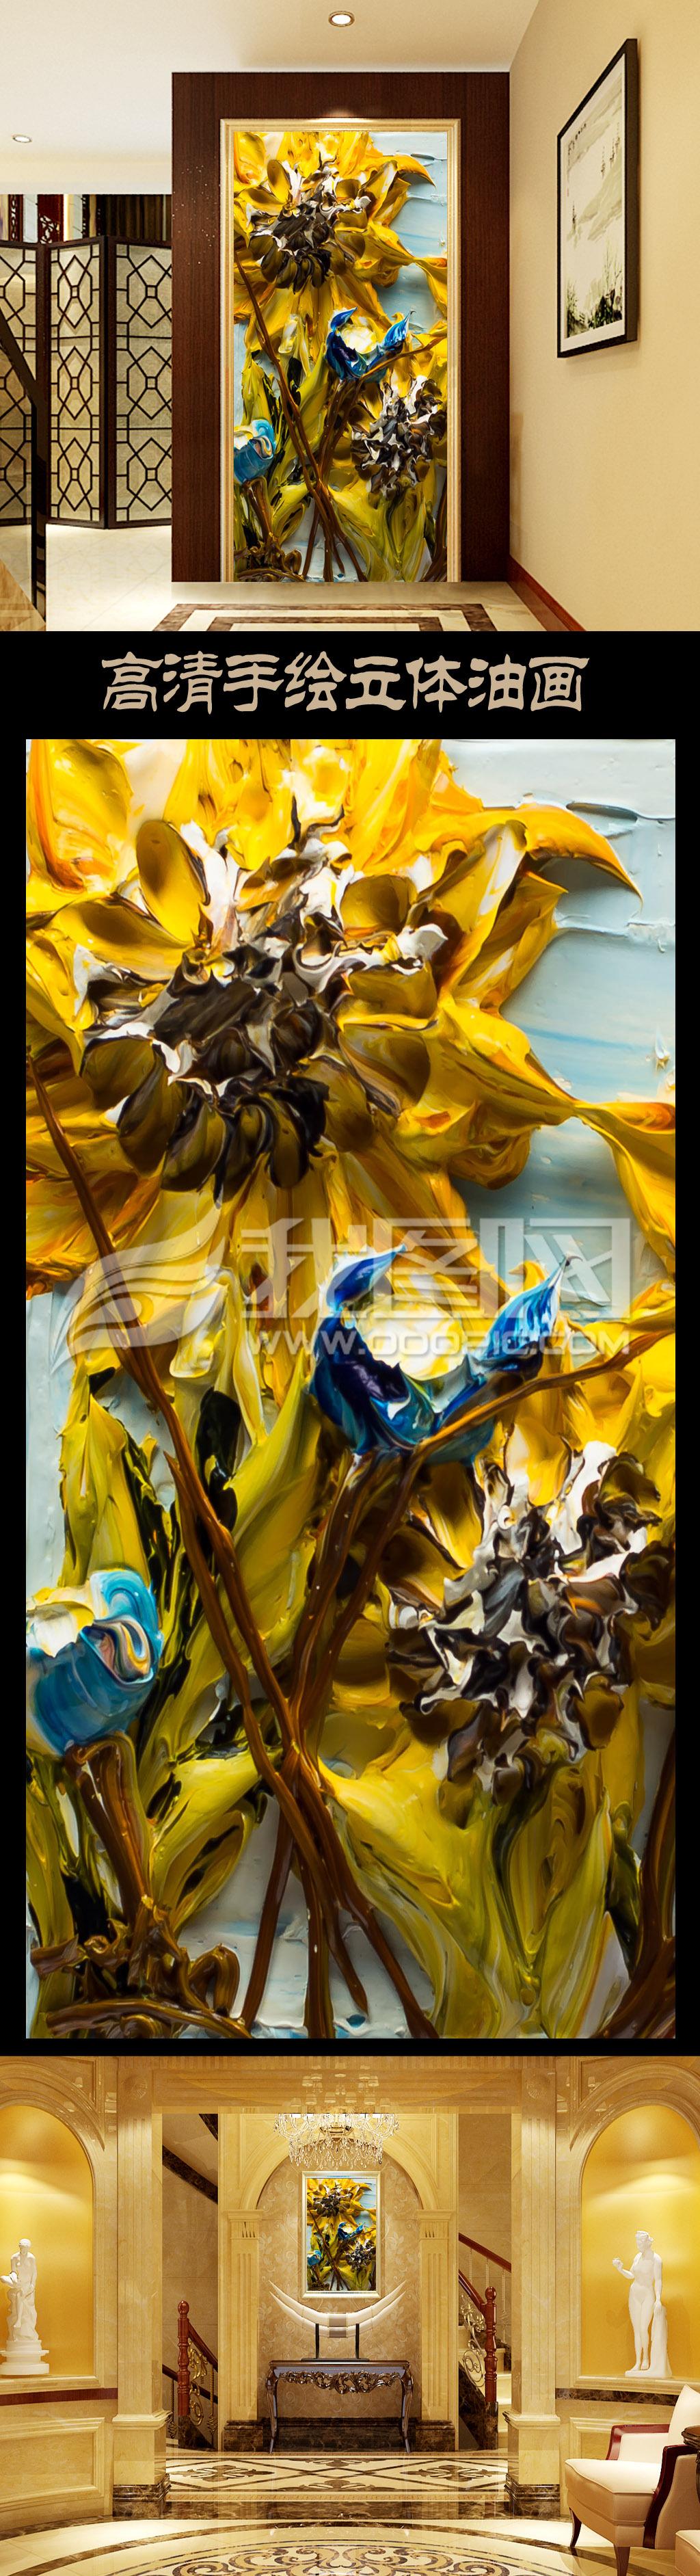 手绘立体油画花朵花卉玄关门厅隔断背景墙